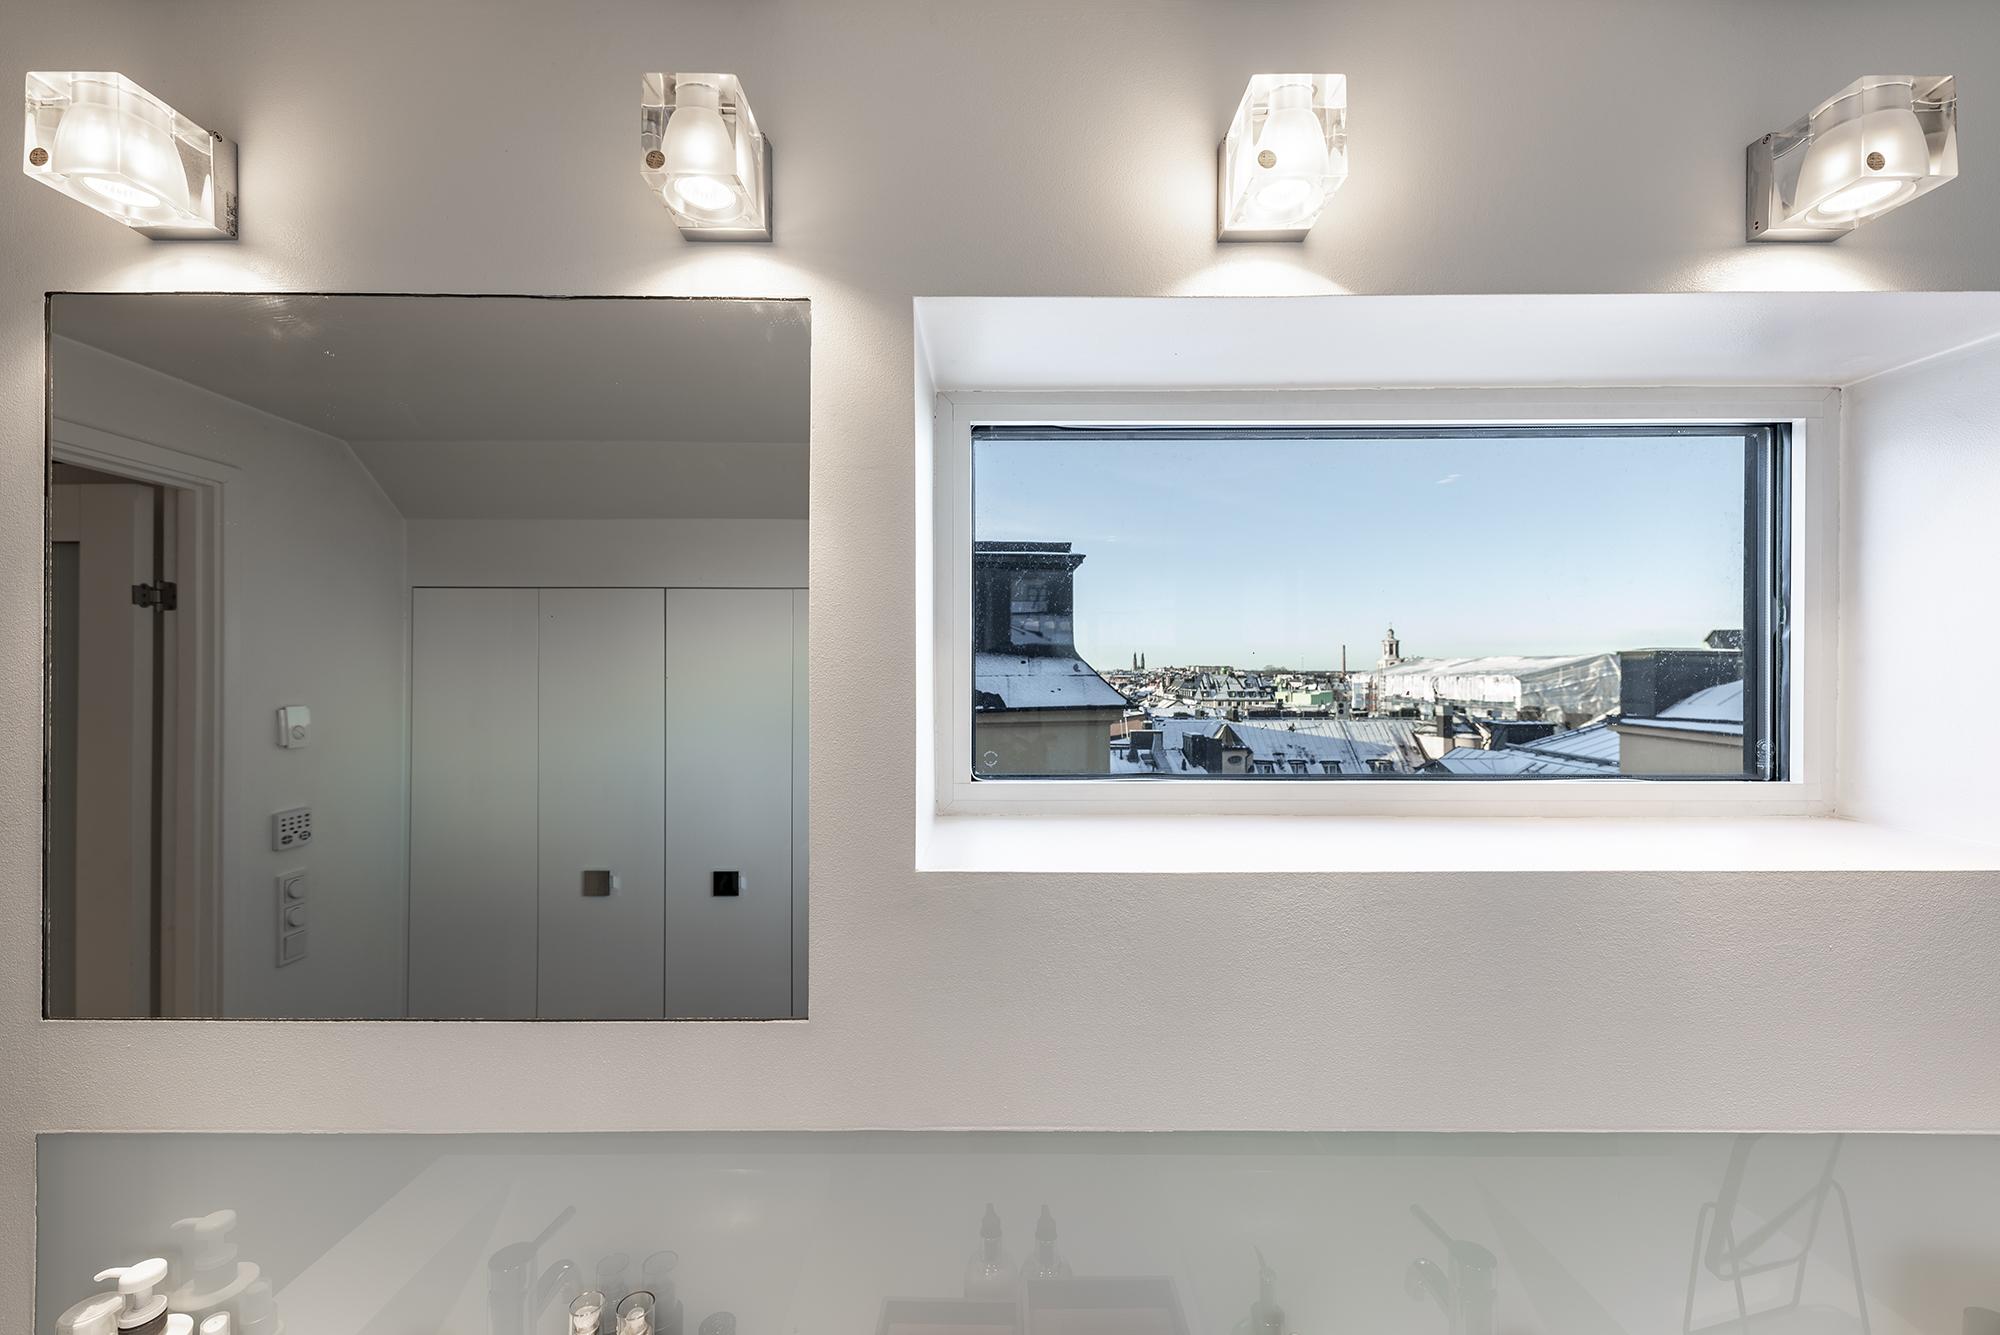 Fin utsikt i badrummet över Södermalms landmärken.